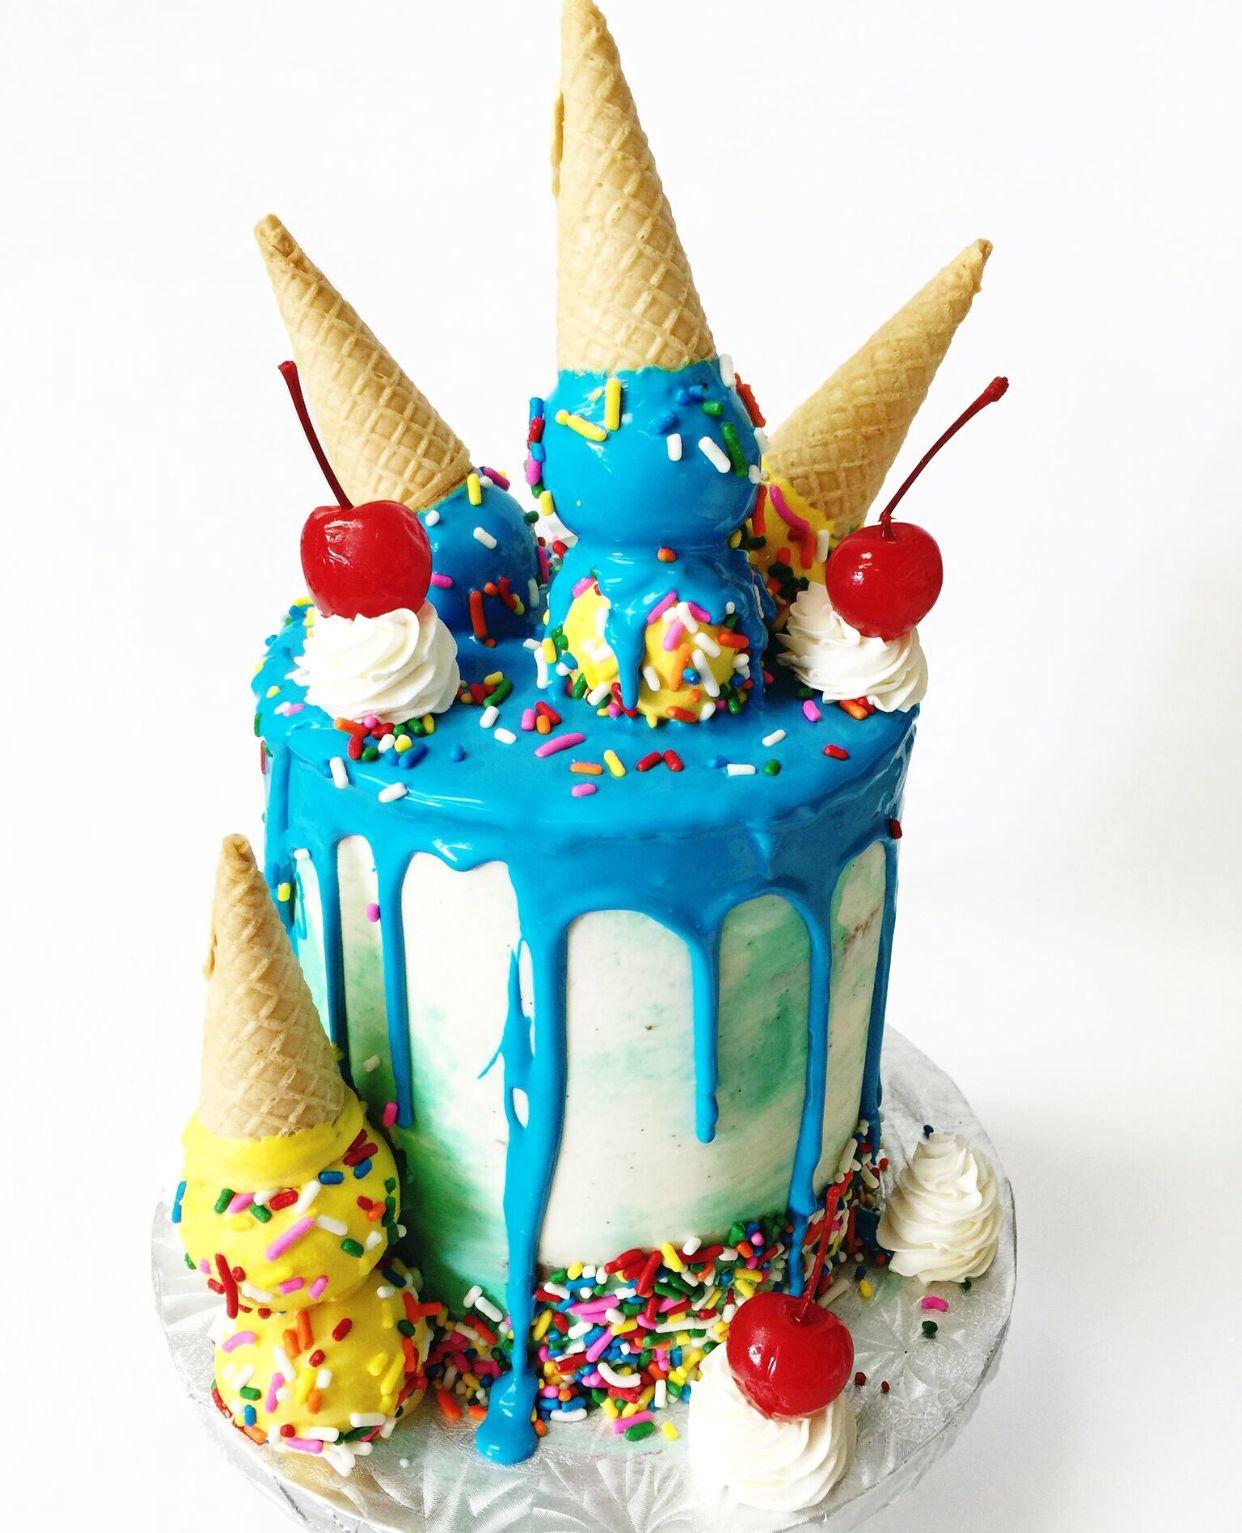 Ice Cream Drip Cake icecream cone cherries chocolate